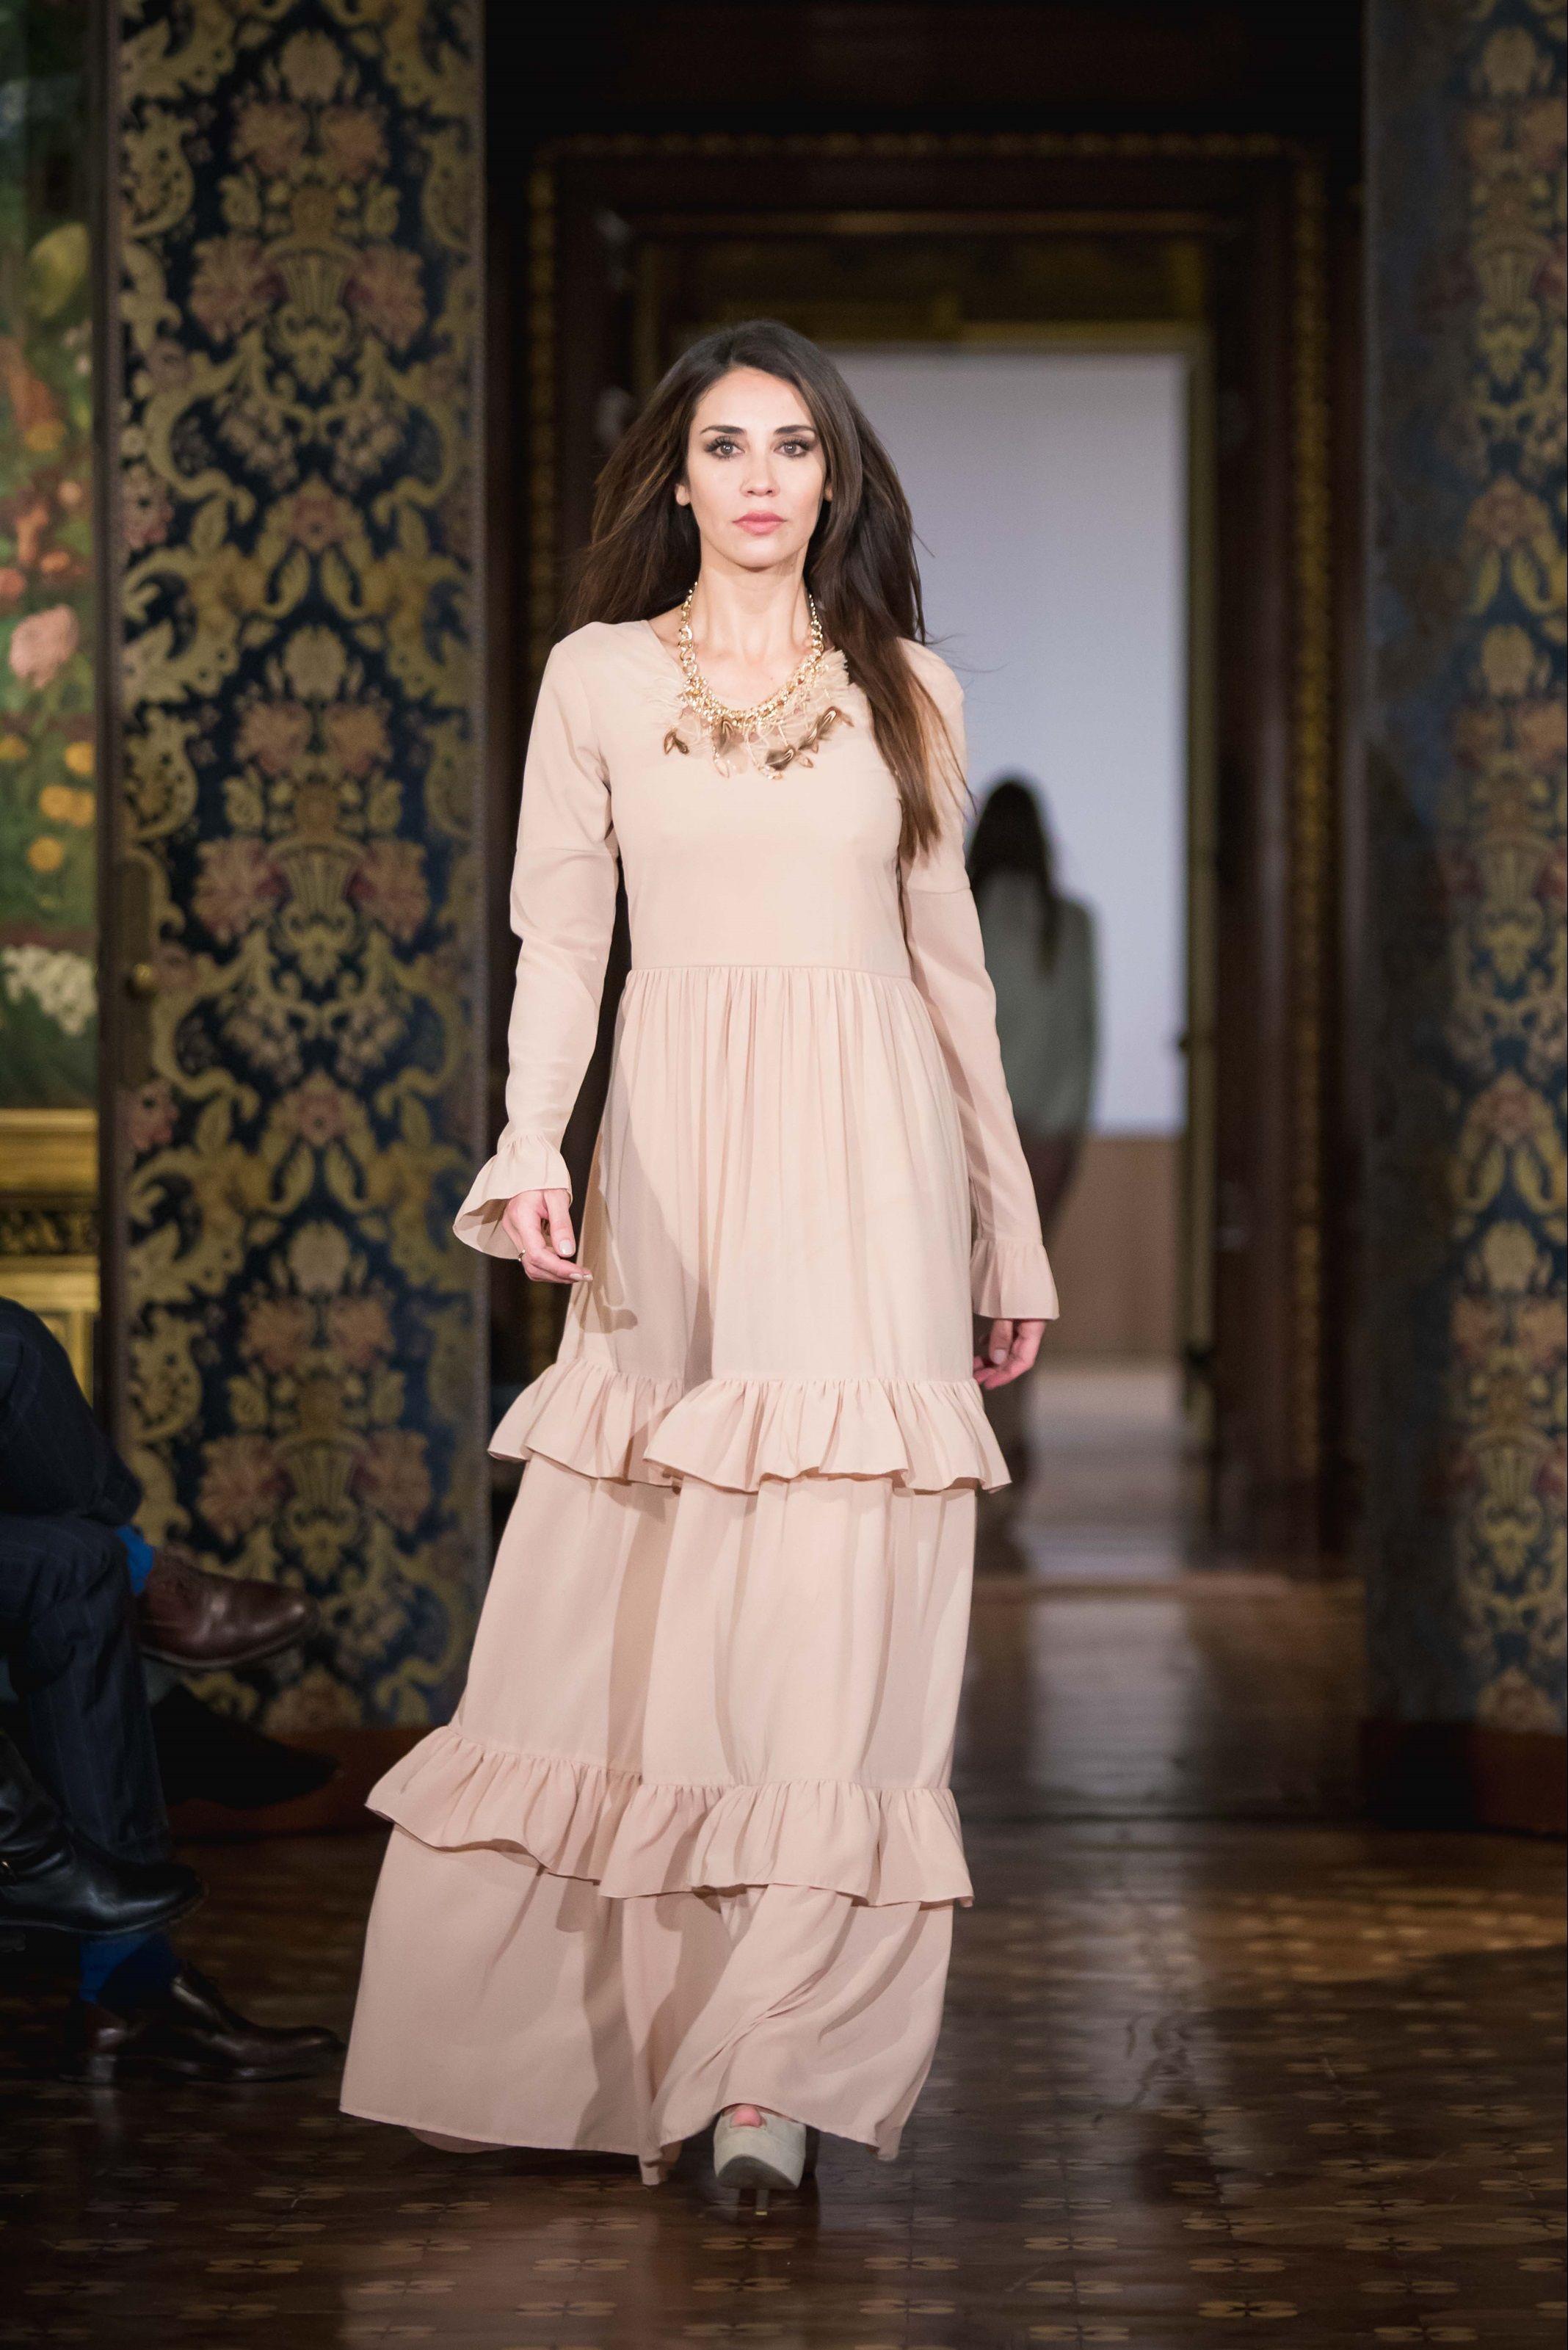 Guarda la sfilata di moda La Kore a Milano e scopri la collezione di abiti e c2a1e2a94f2